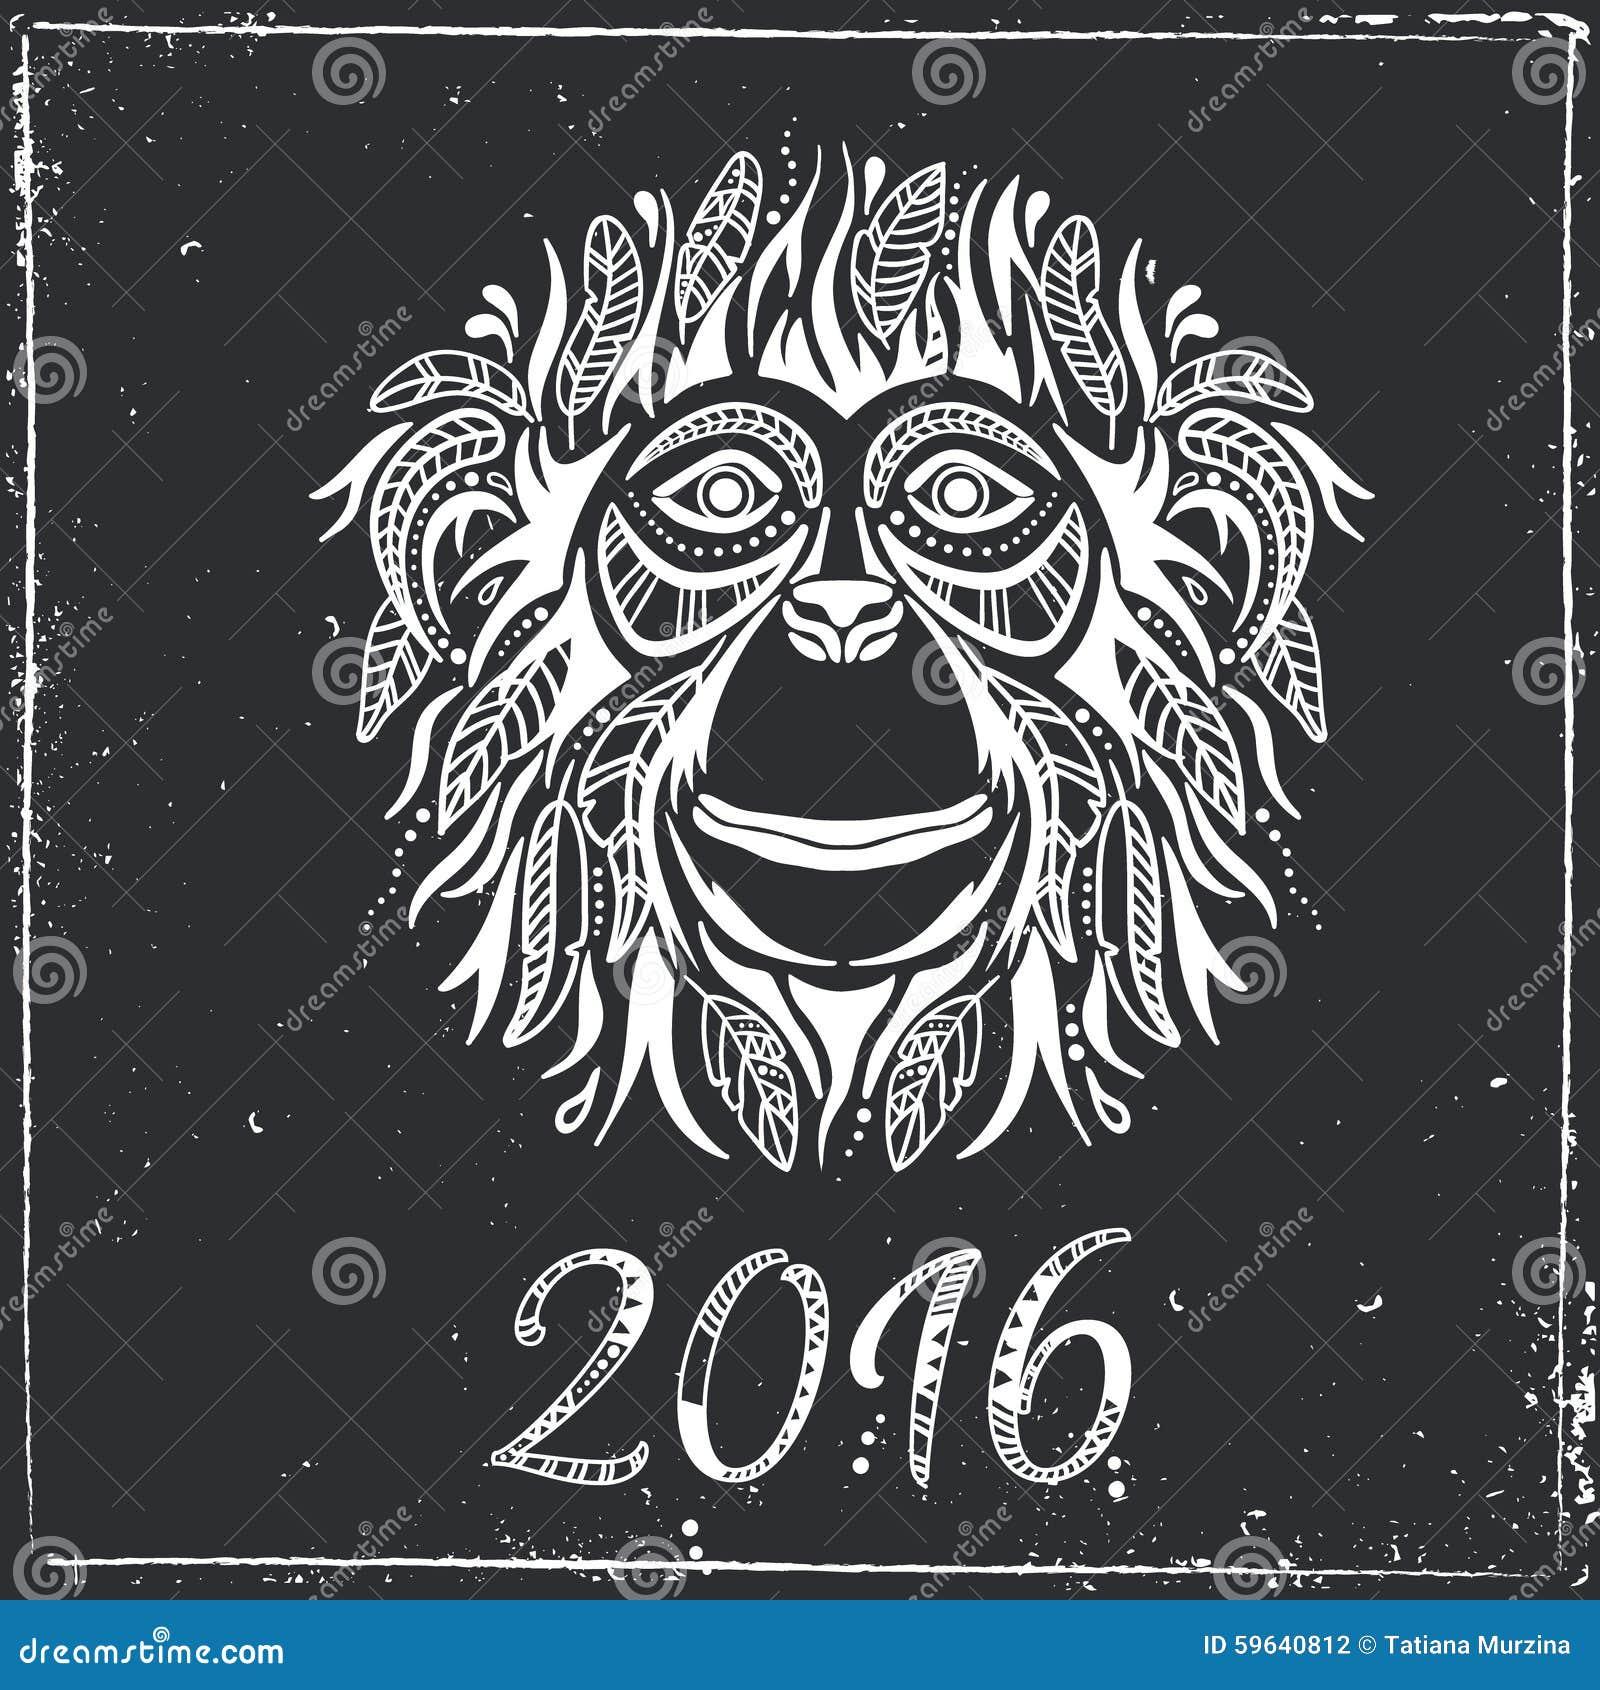 bonne ann e 2016 ann e du singe illustration de vecteur image 59640812. Black Bedroom Furniture Sets. Home Design Ideas